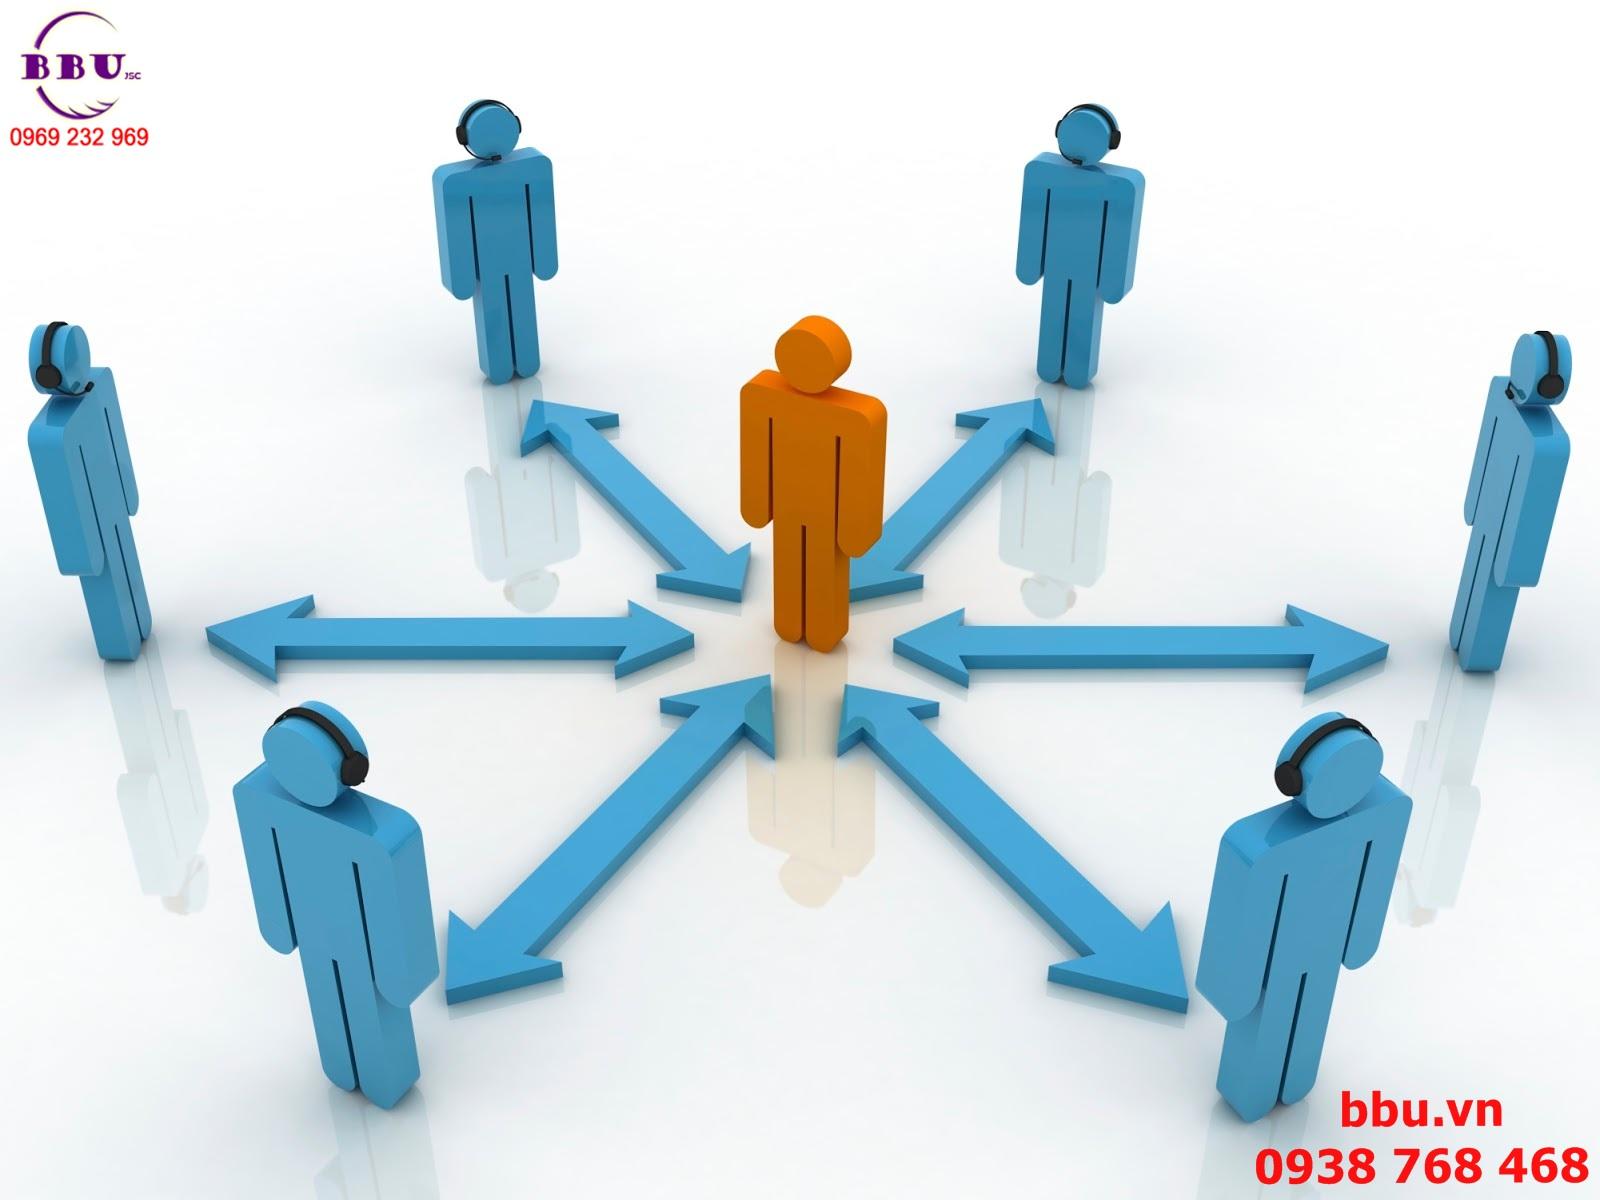 Nhóm và nhiệm vụ của nhóm